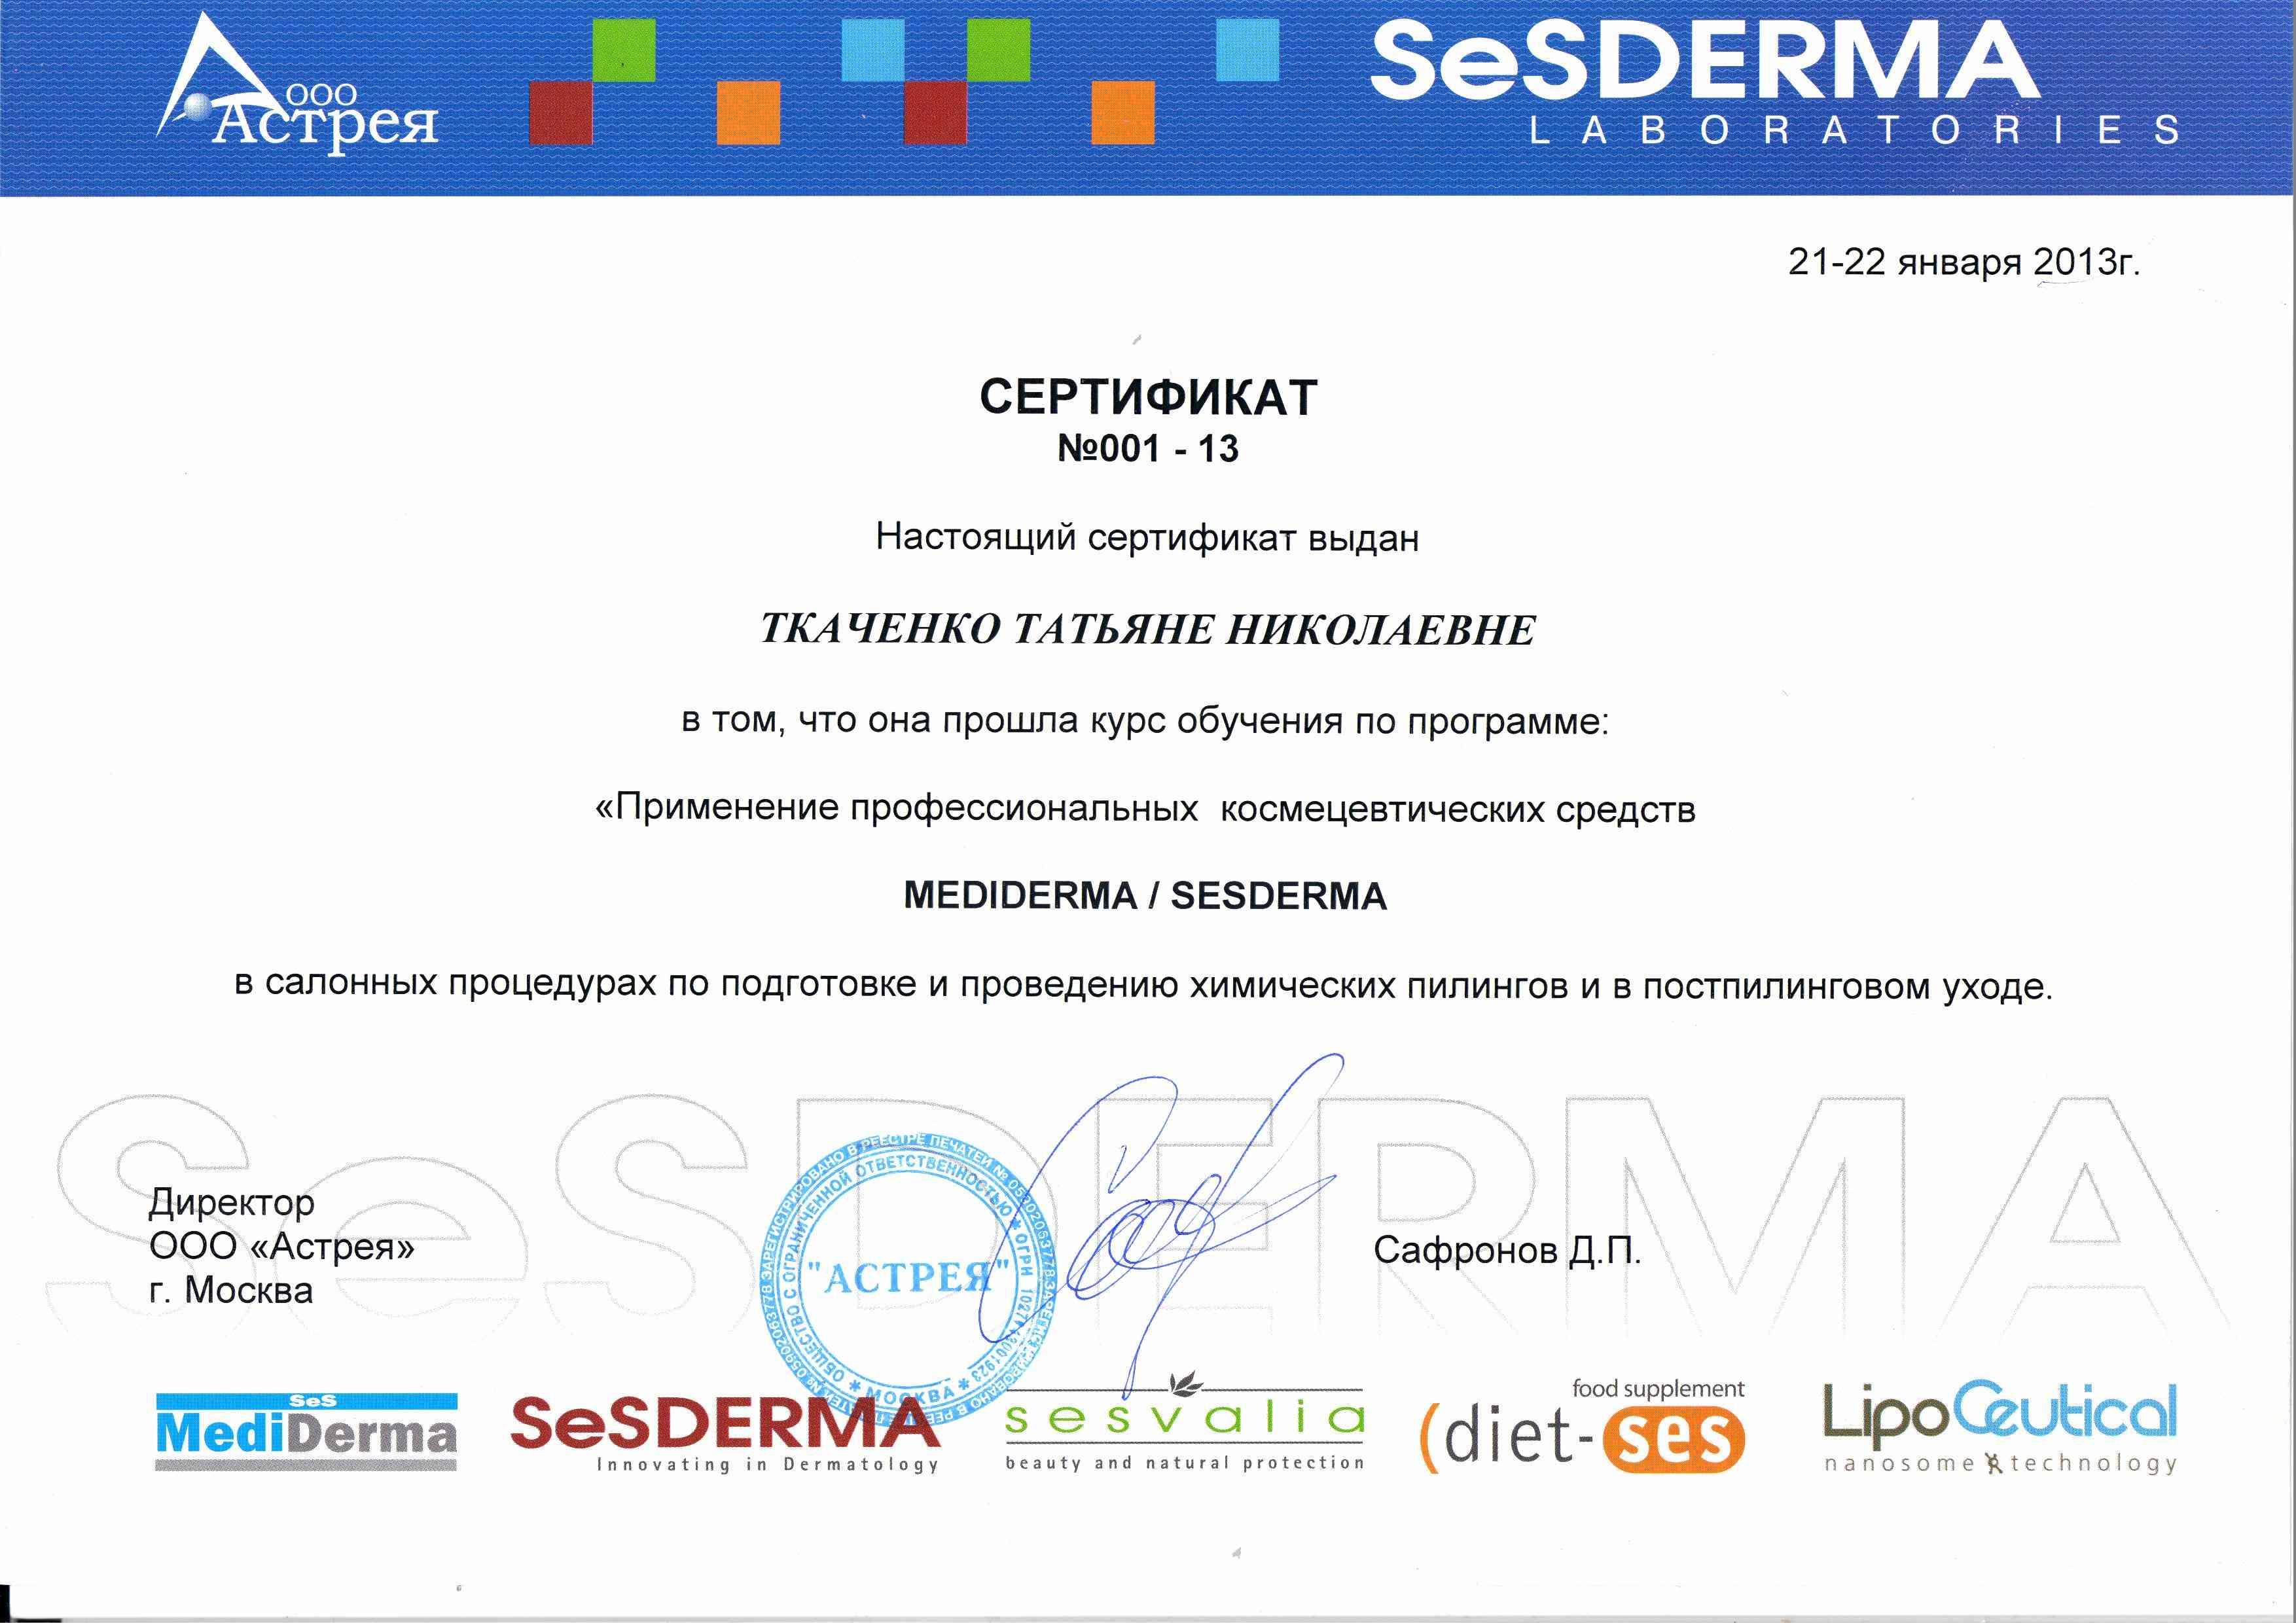 2013 Курс обучения по подготовке и проведению химических пилингов и постпилинговом уходе Sesderma Mediderma